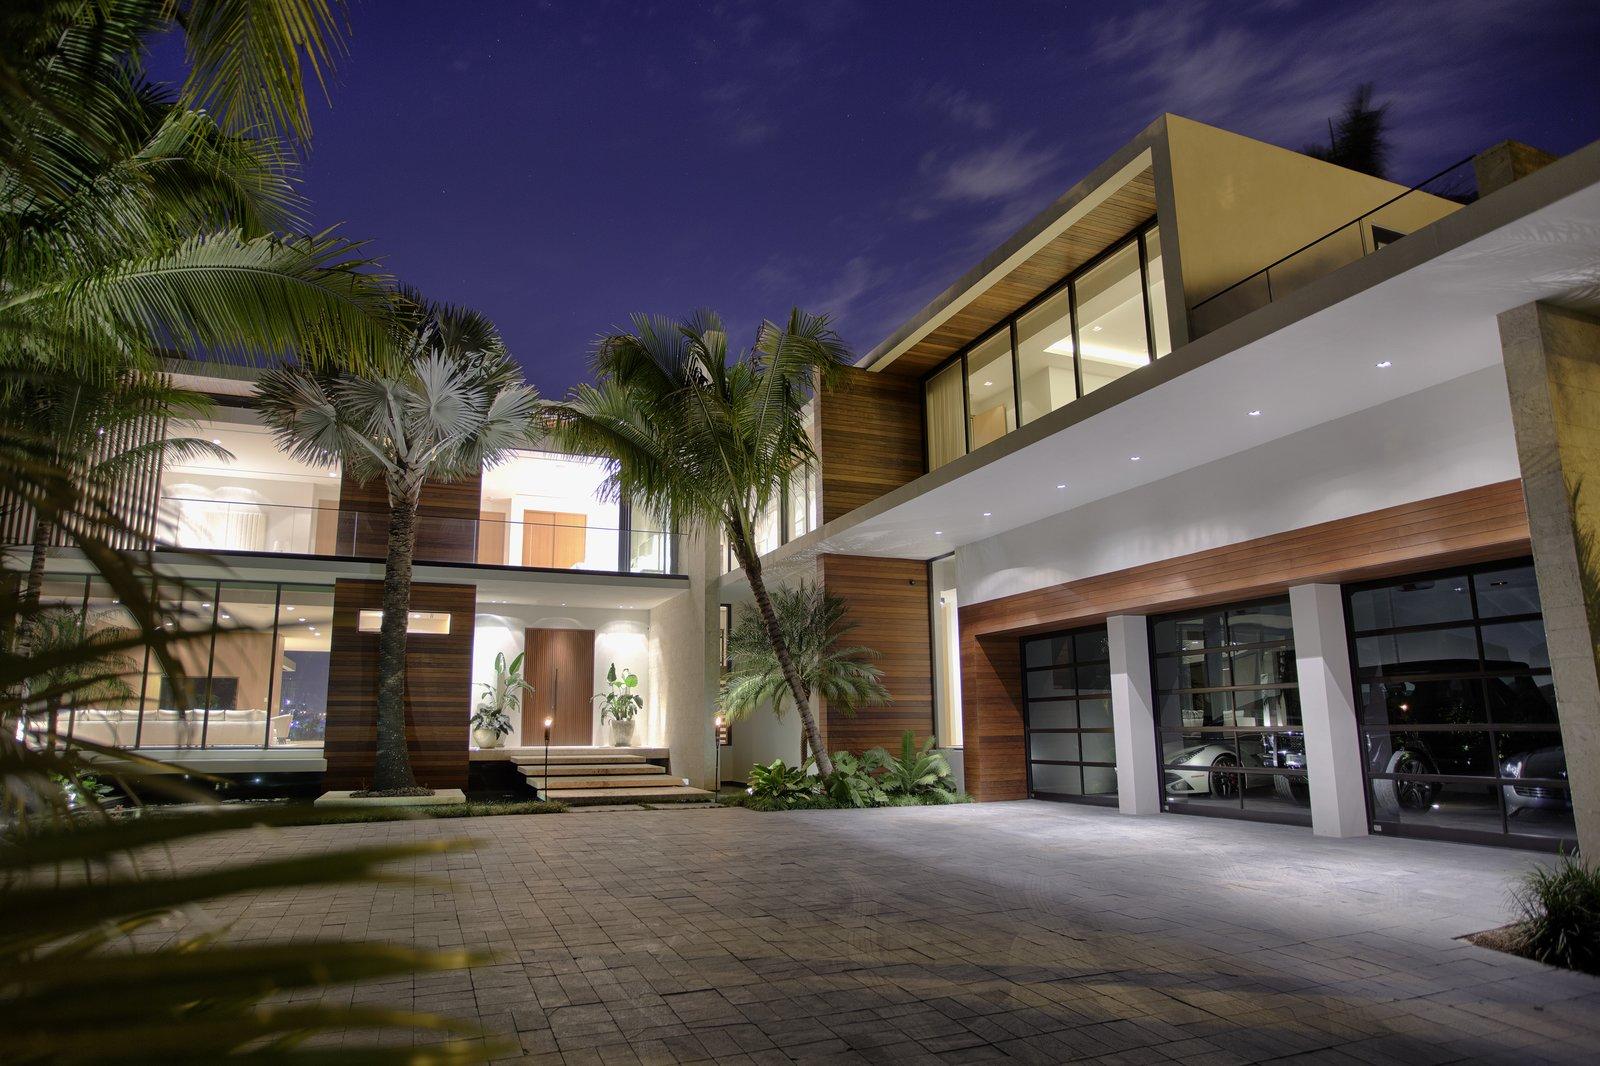 Casa Ischia Modern Home In Miami Beach Florida By Choeff